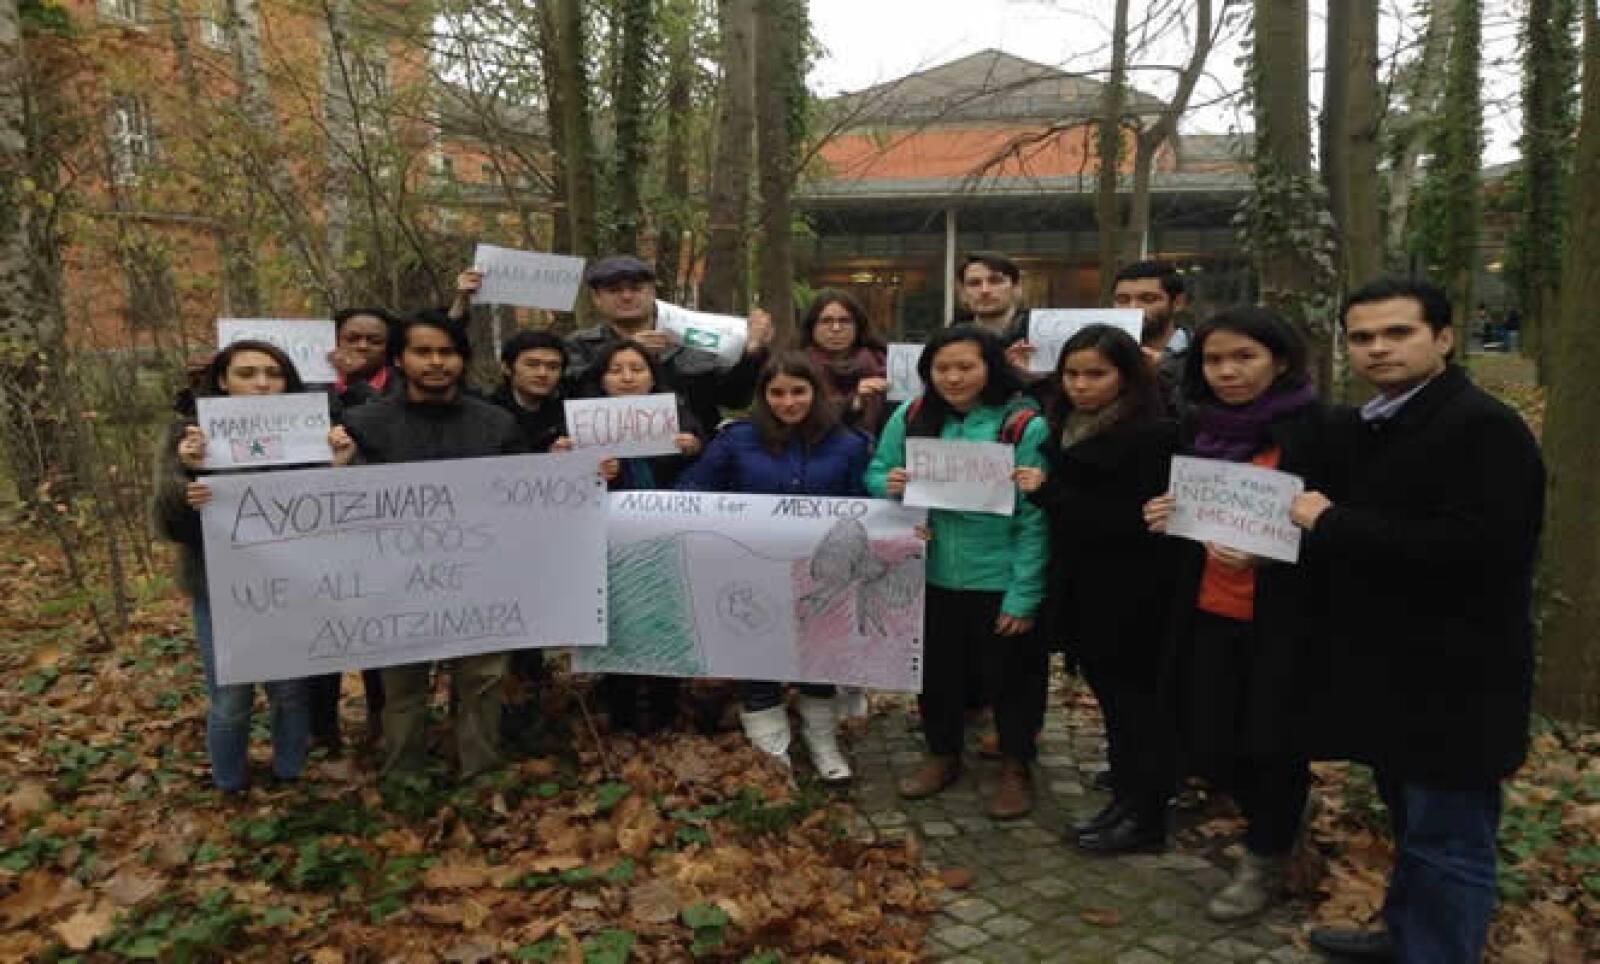 Estudiantes de ciencias sociales de la Universidad de Potsdam se manifiestan en la ciudad de Potsdam.